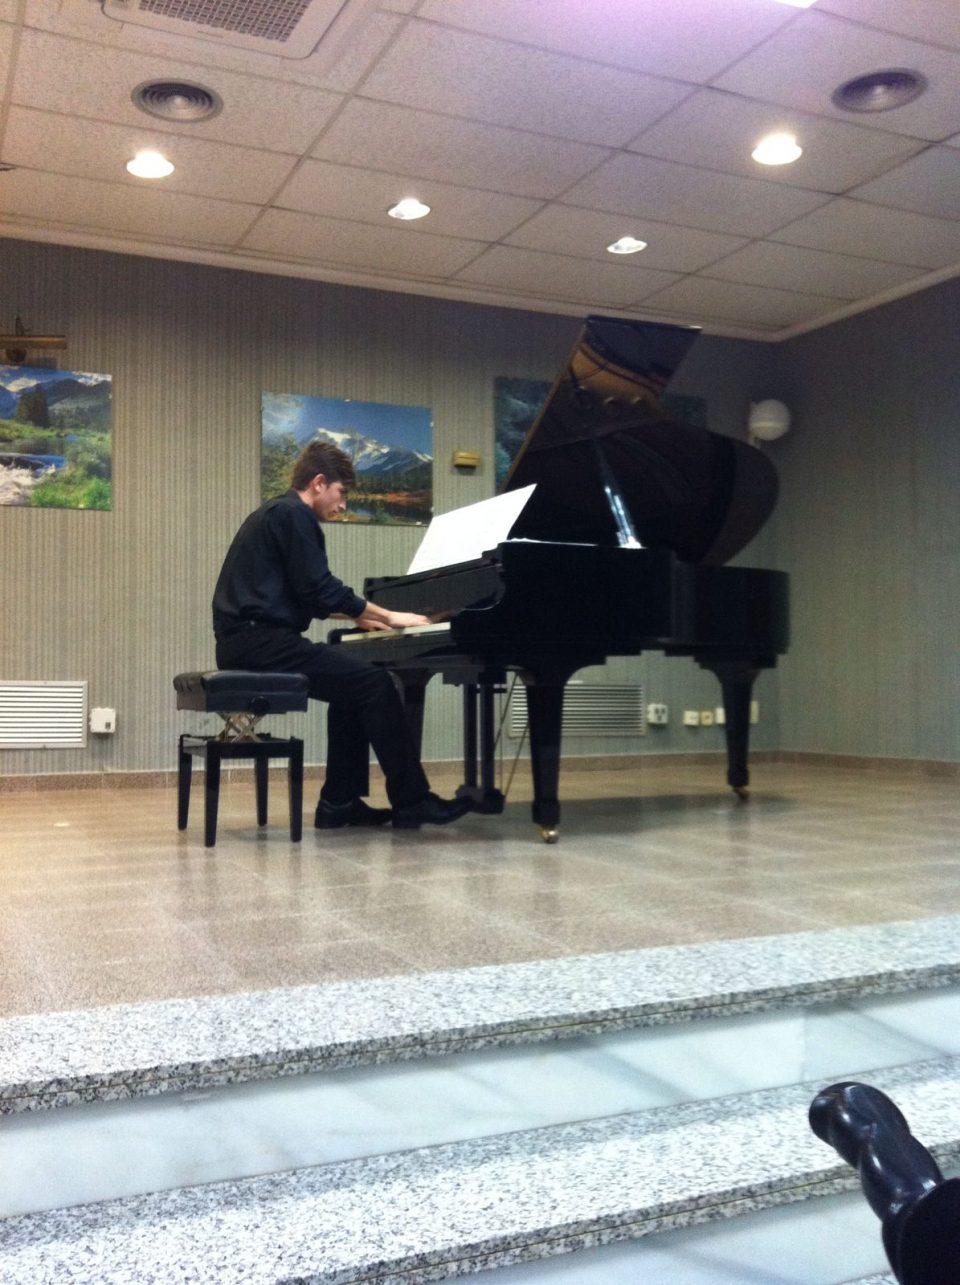 Pilar de la Horadada solicita una subvención para el Conservatorio Profesional de Música 'Mariana Baches' 6